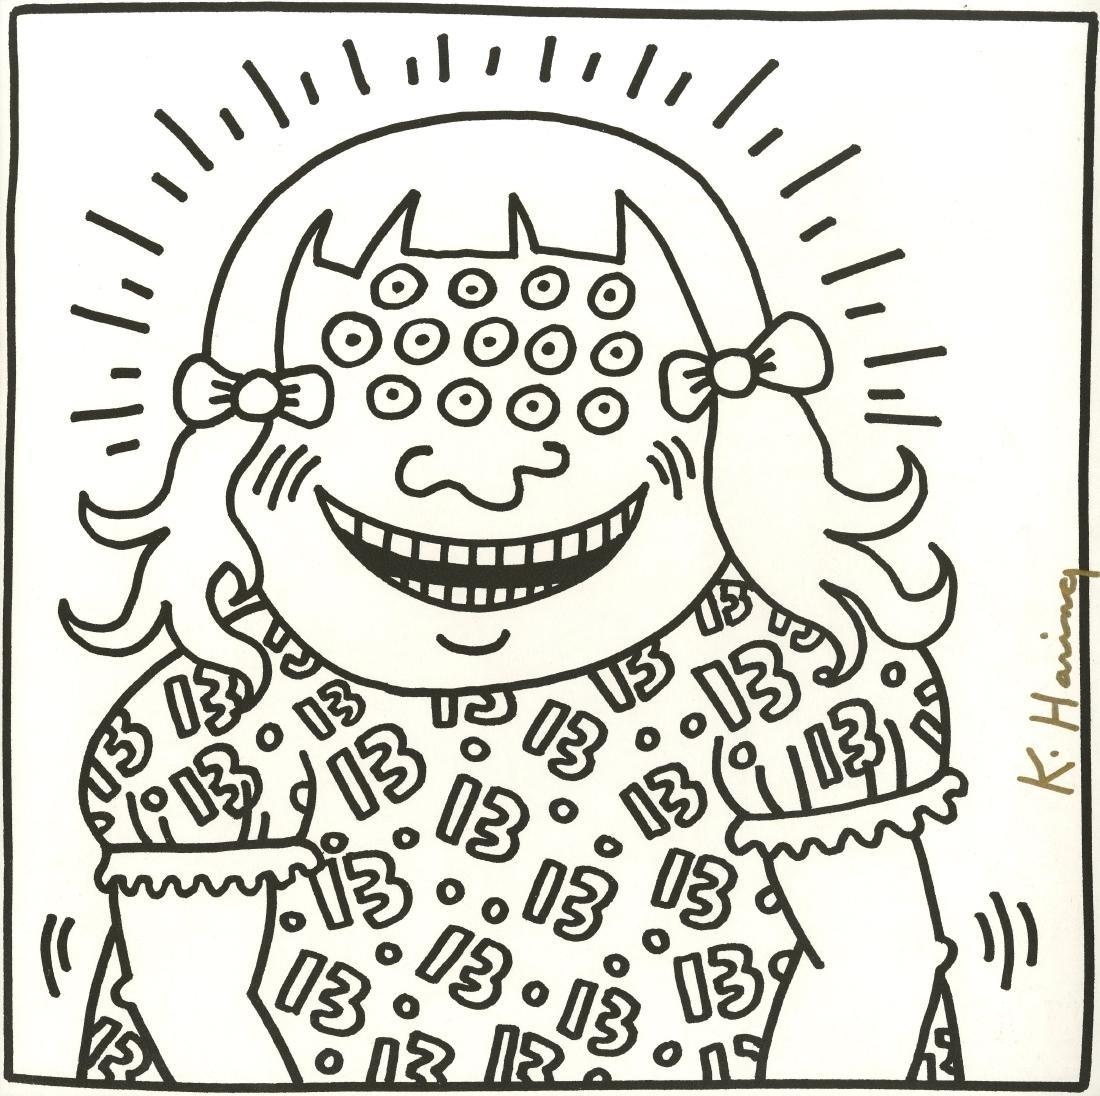 704: KEITH HARING - Thirteen Eyes